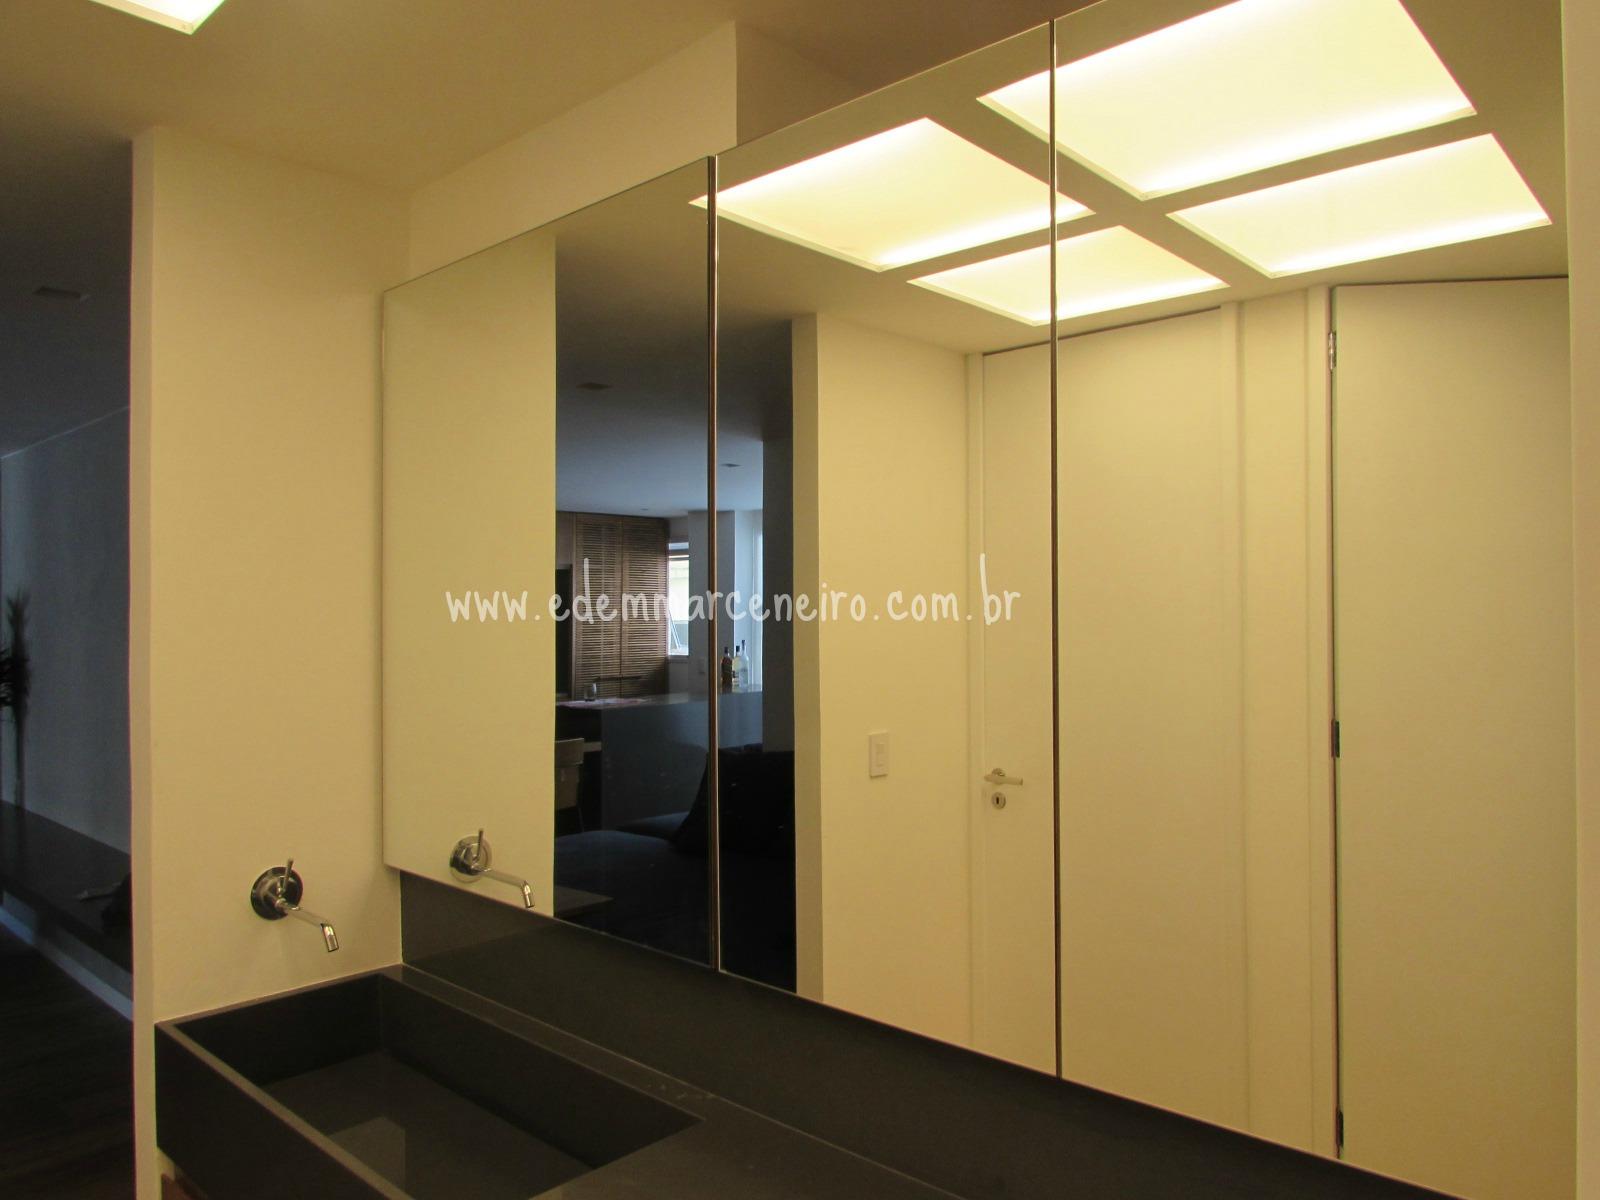 Armários para Lavabo e Painel Superior com Espelhos Edem Marceneiro #B09F1B 1600x1200 Armario Banheiro Usado